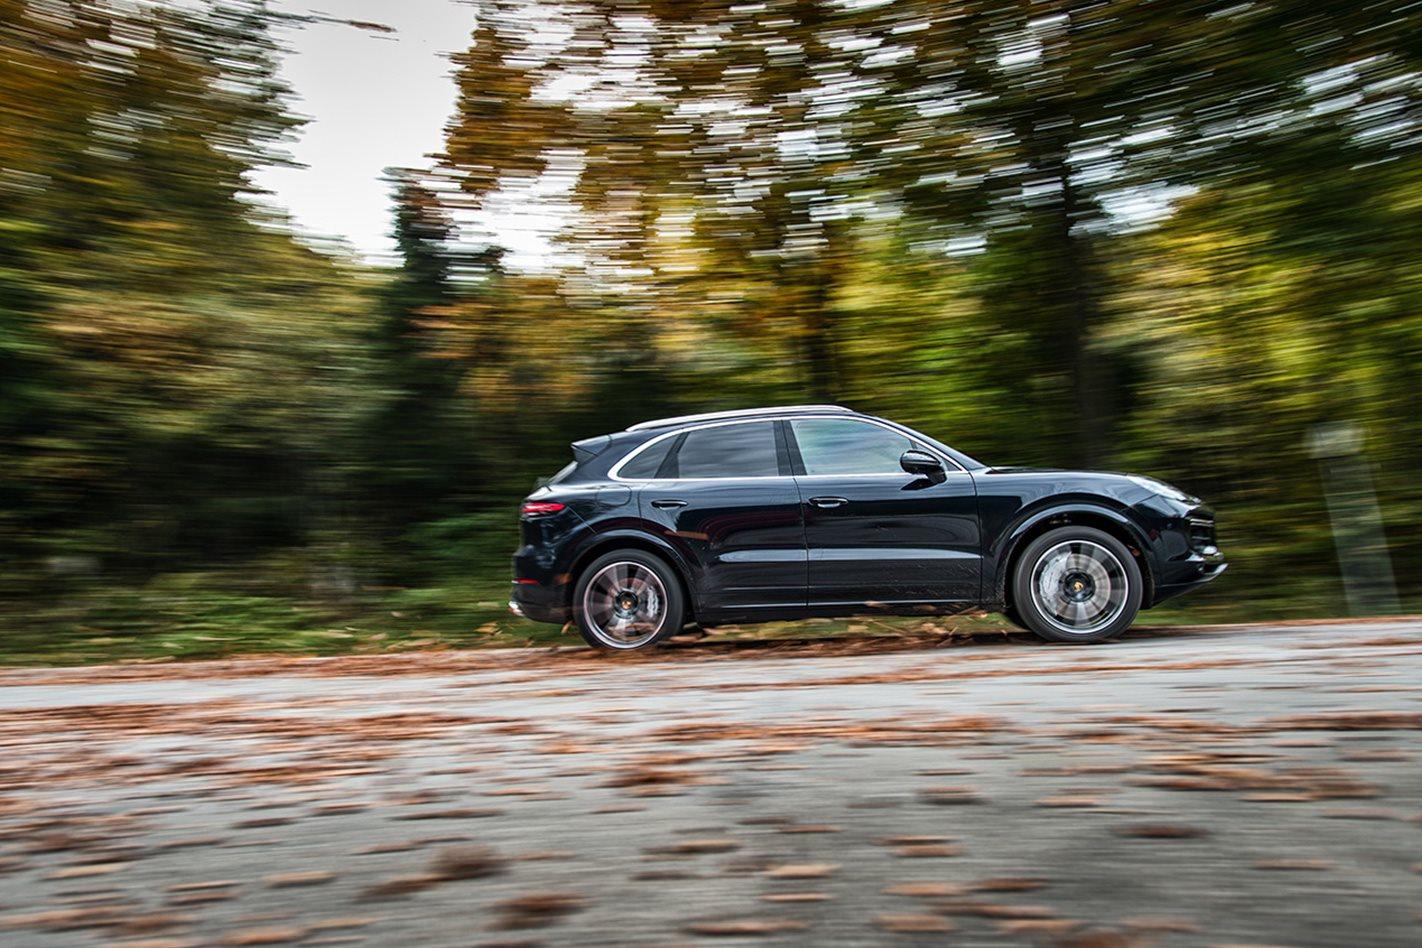 2018-Porsche-Cayenne-Turbo-side.jpg